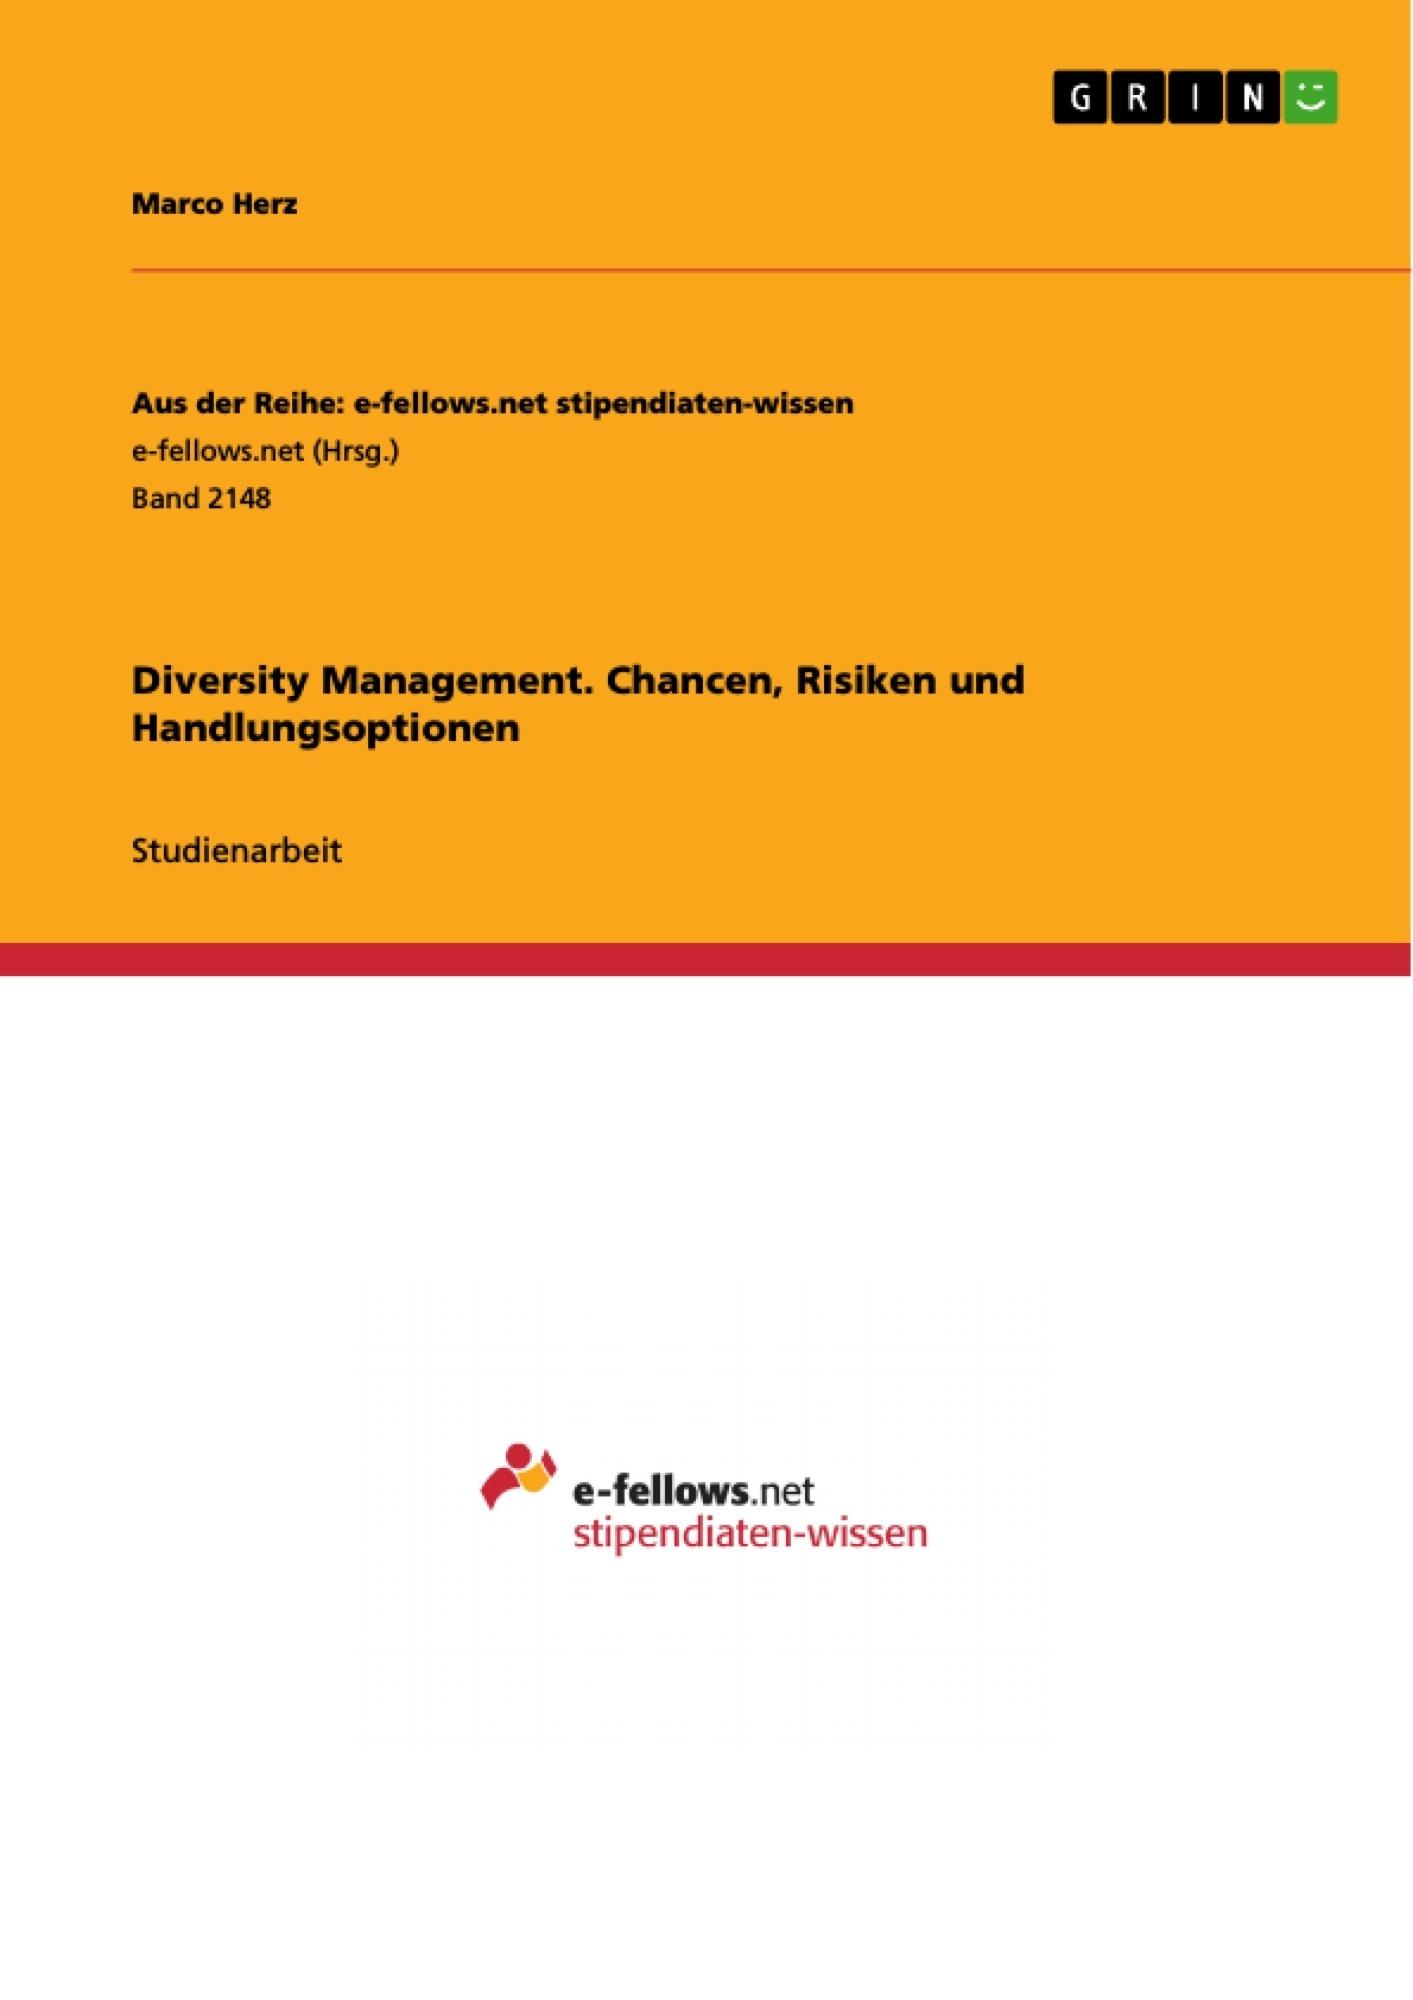 Titel: Diversity Management. Chancen, Risiken und Handlungsoptionen